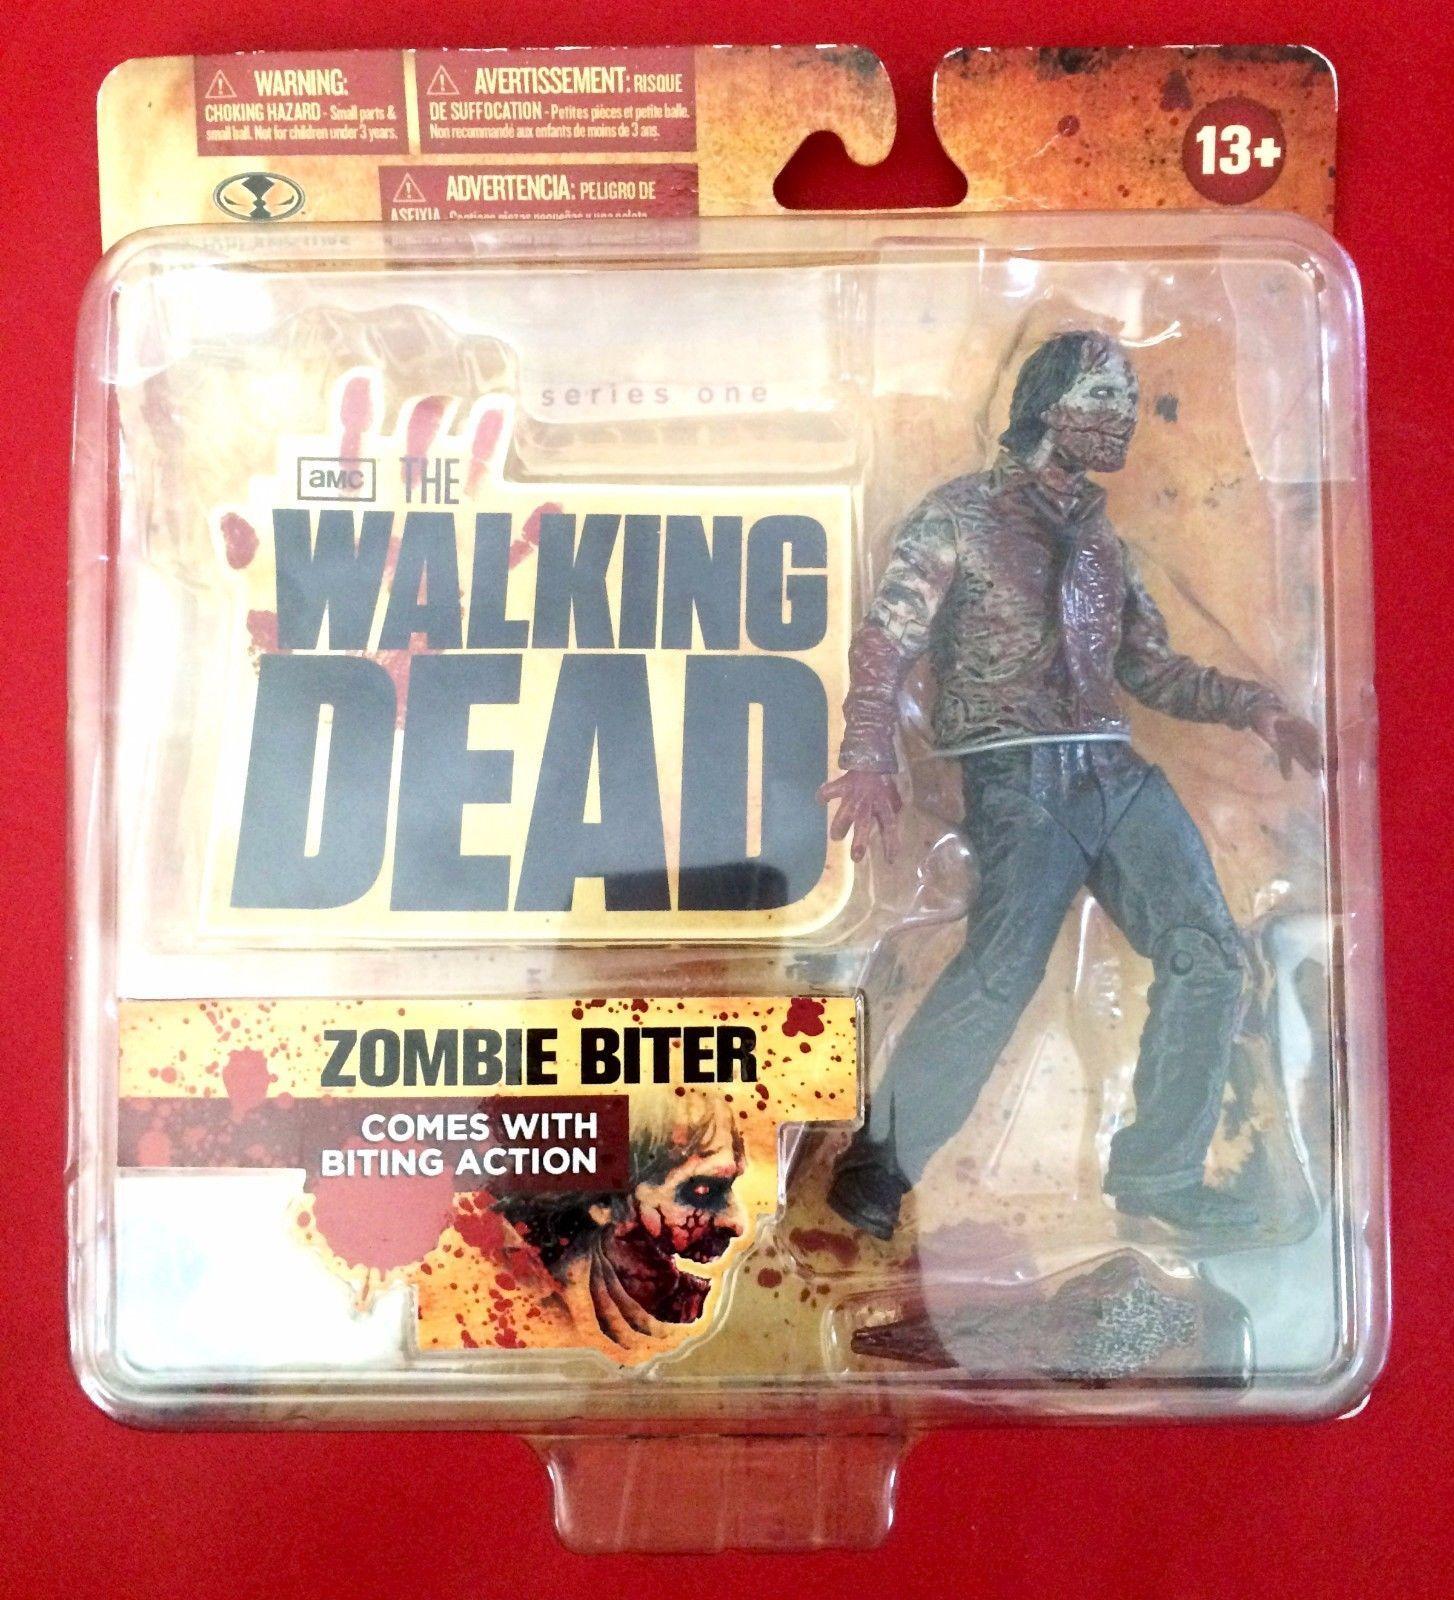 Walking Dead Zombie Biter Action Figure Series 1 Mcfarlane Toys 2011 New Sealed Thewalkingdead Wa Horror Action Figures Walking Dead Series The Walking Dead